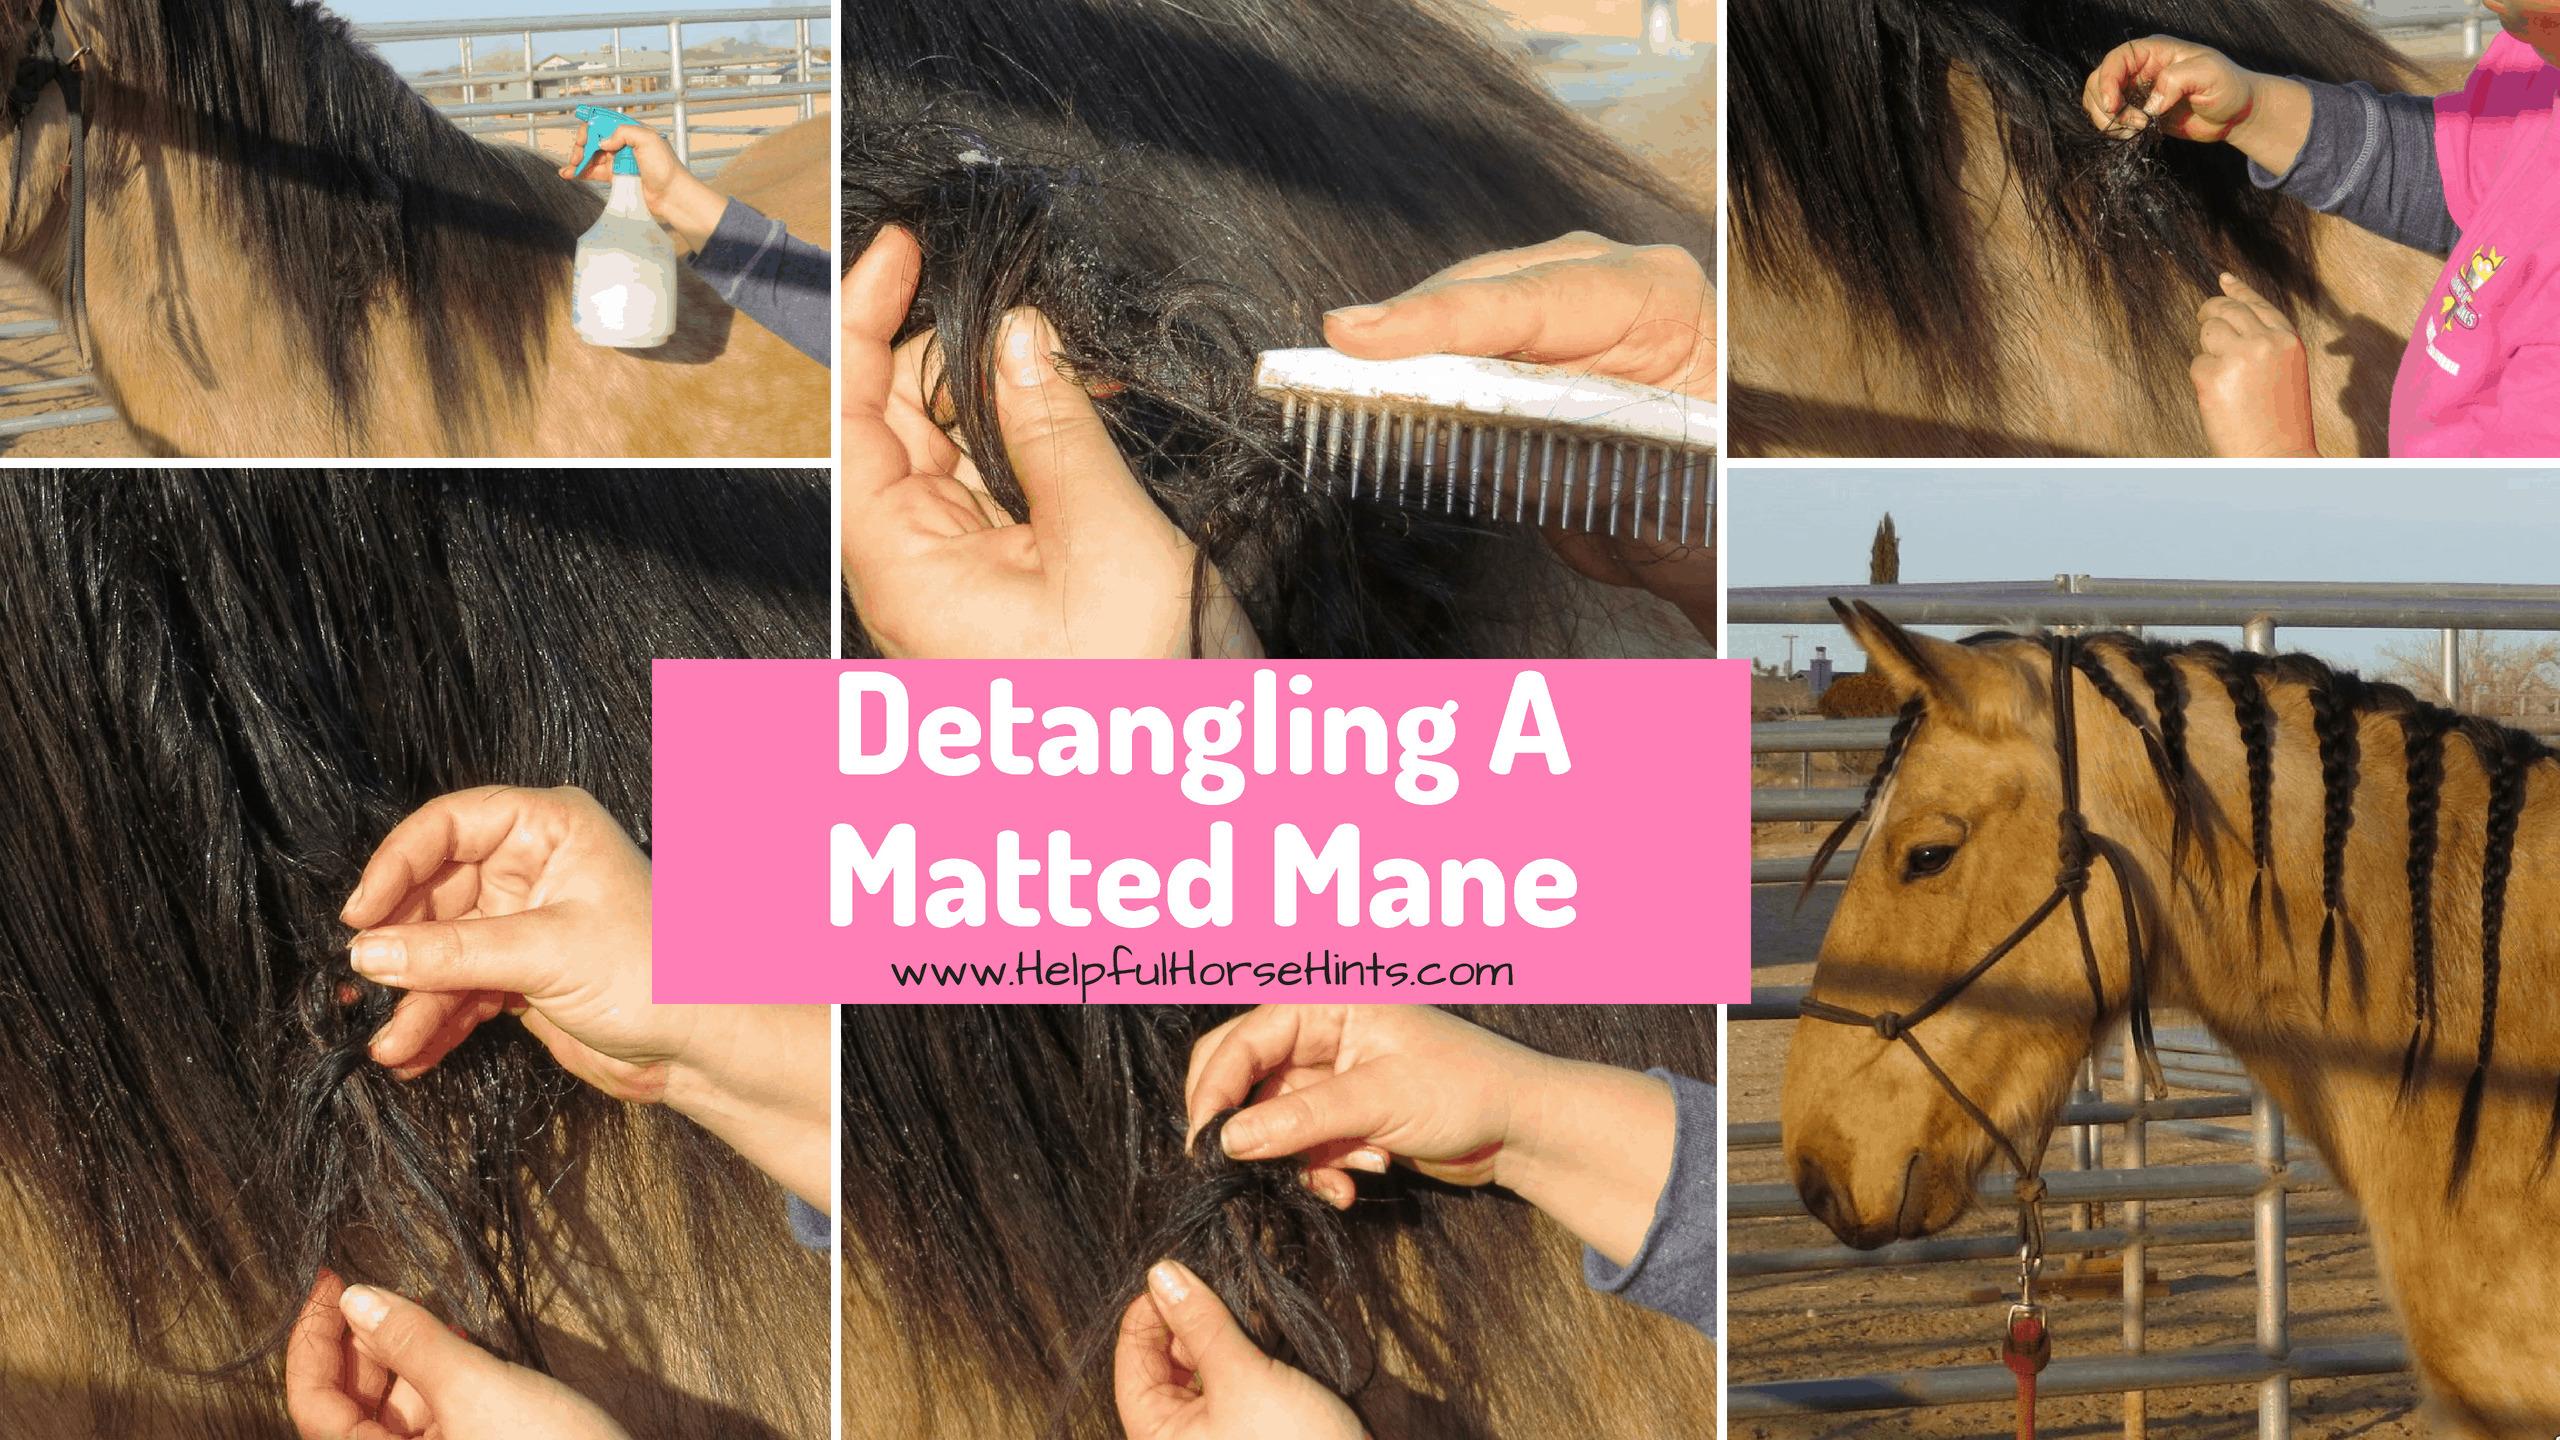 Detangling A Matted Mane